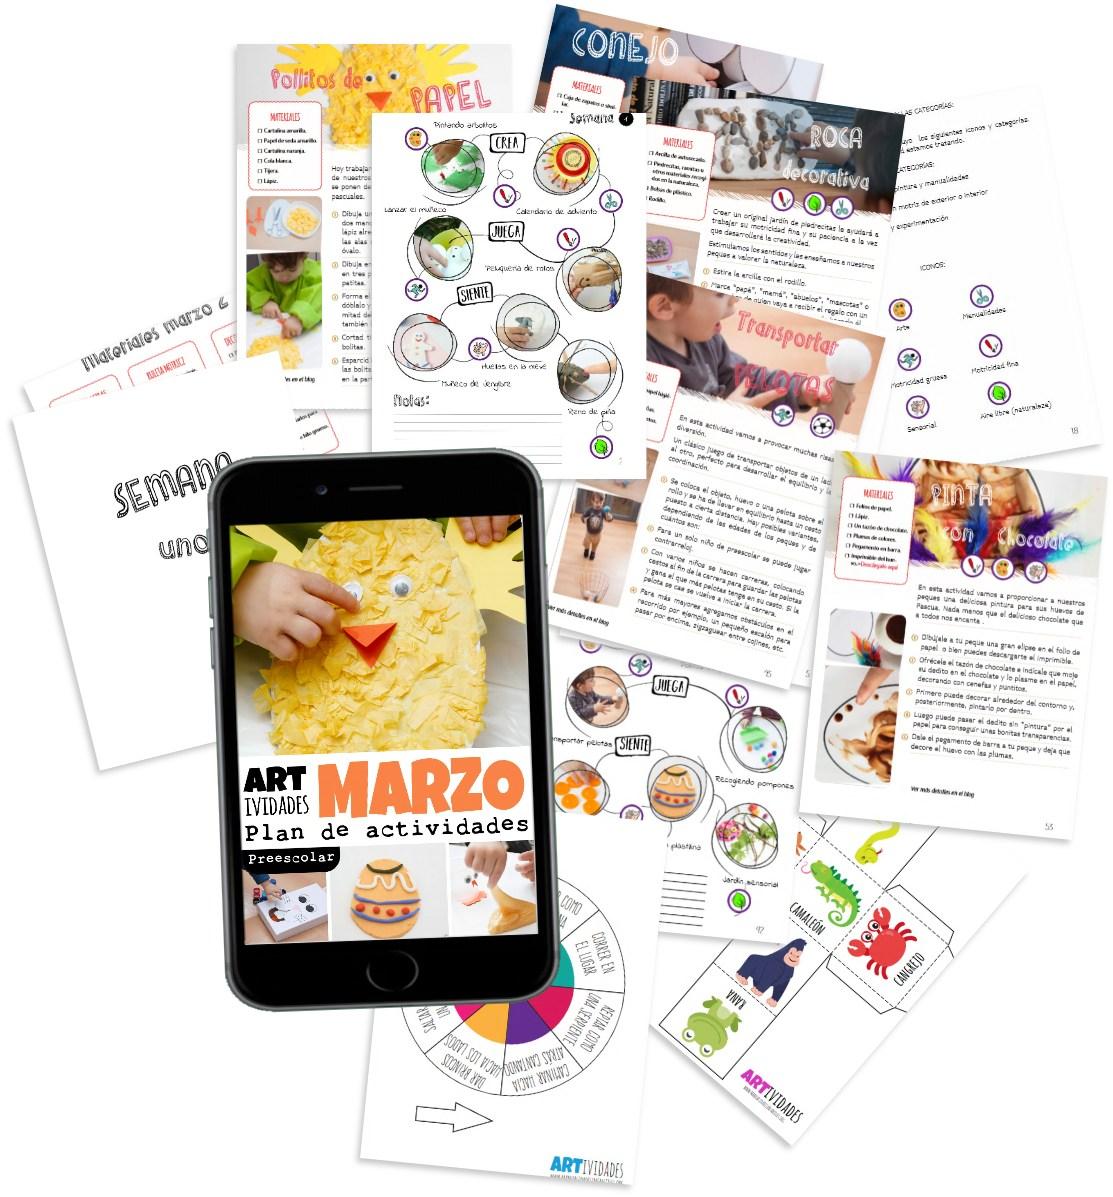 Ebook ARtividades Marzo